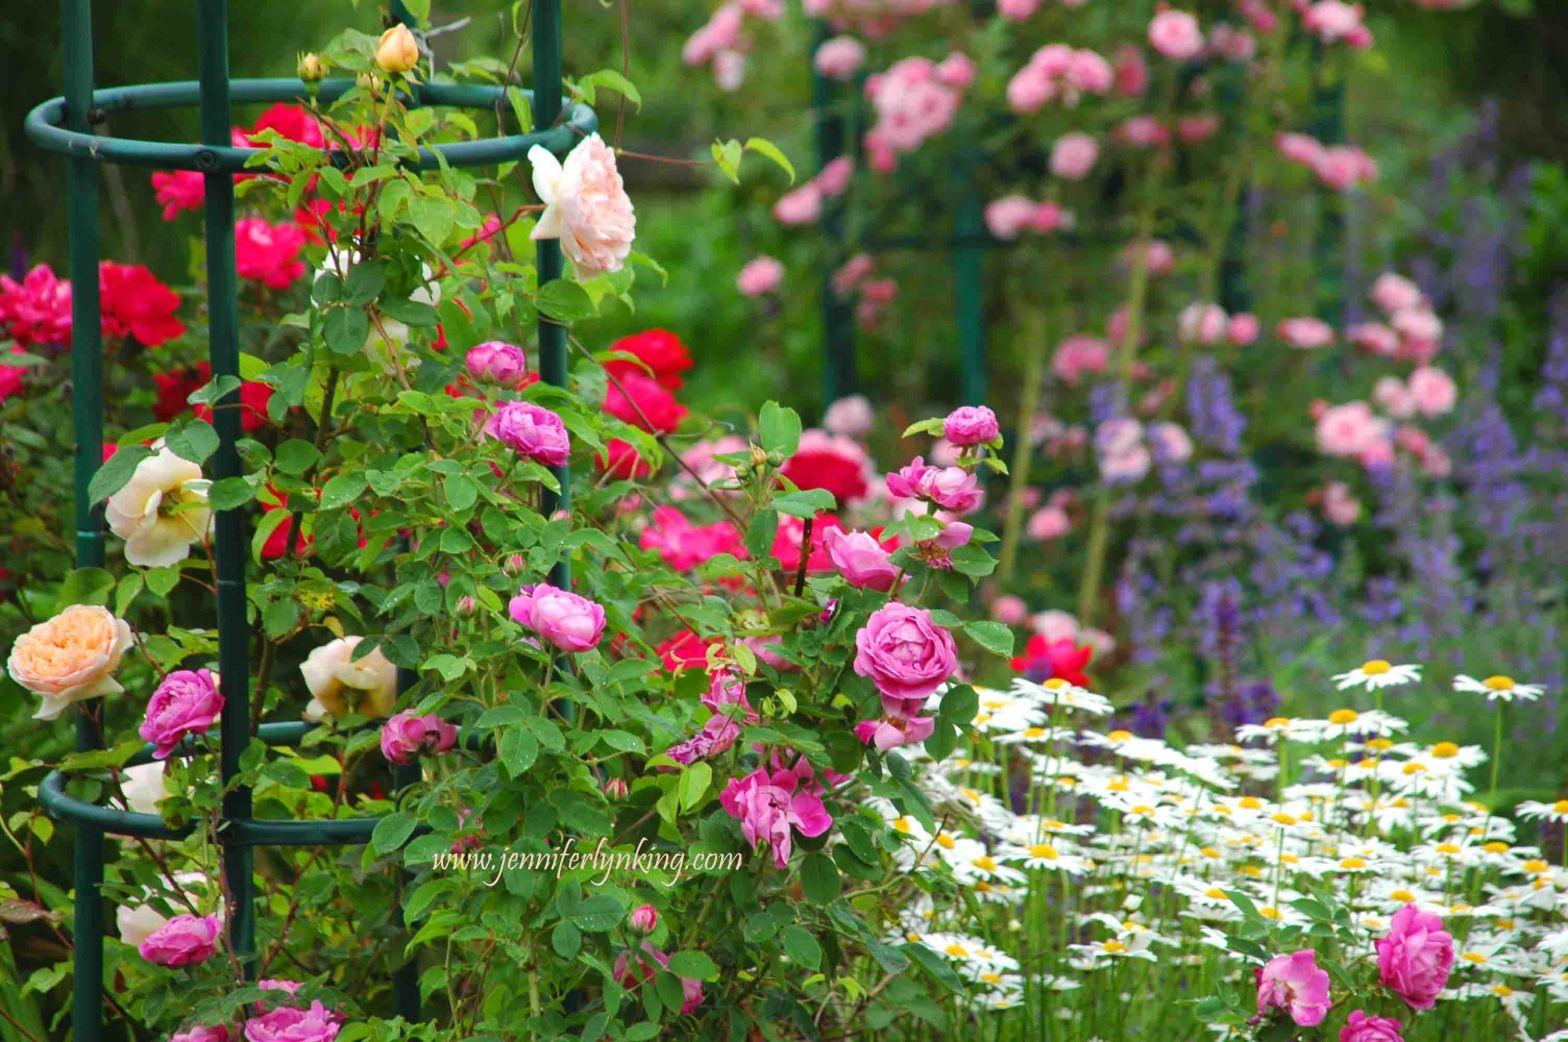 June Rose Gardens